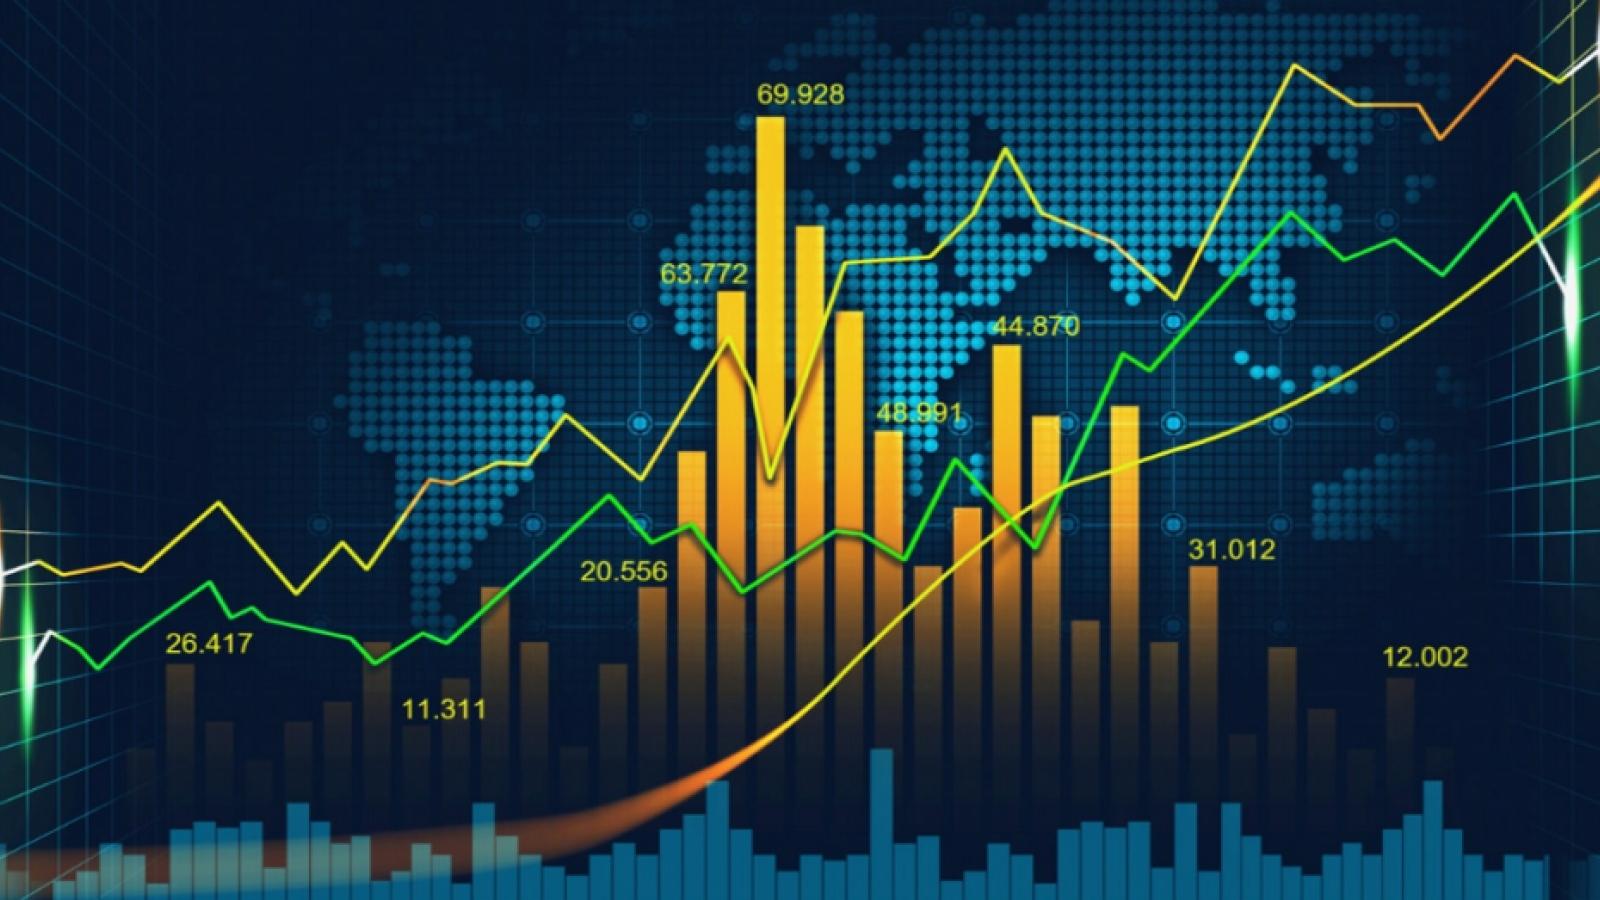 VN-Index dự báo đi ngang tích lũy để tạo nền giá mới